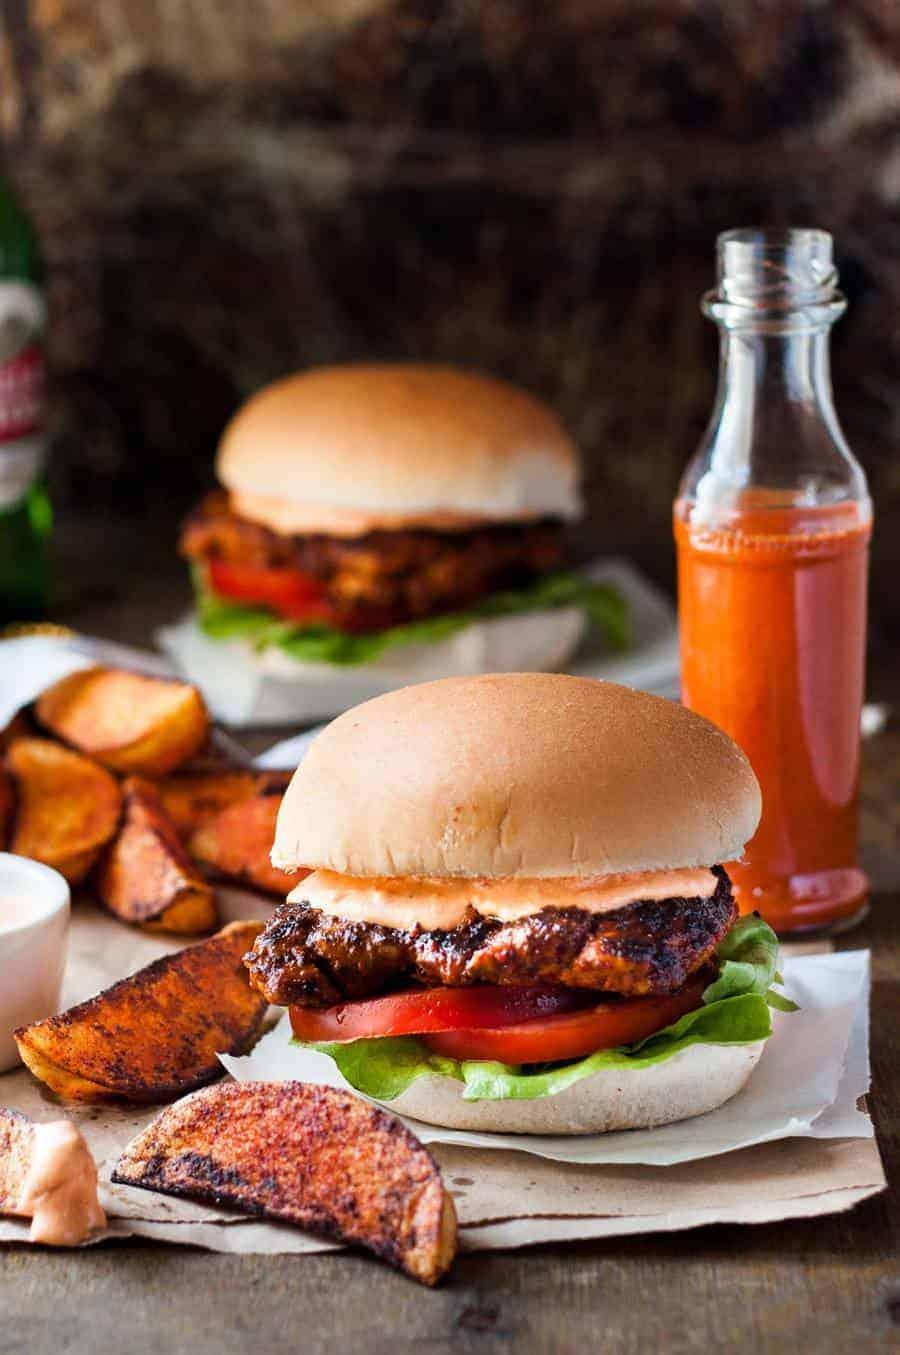 Nando S Portuguese Chicken Burgers Amp Super Food Ideas Magazine Recipetin Eats